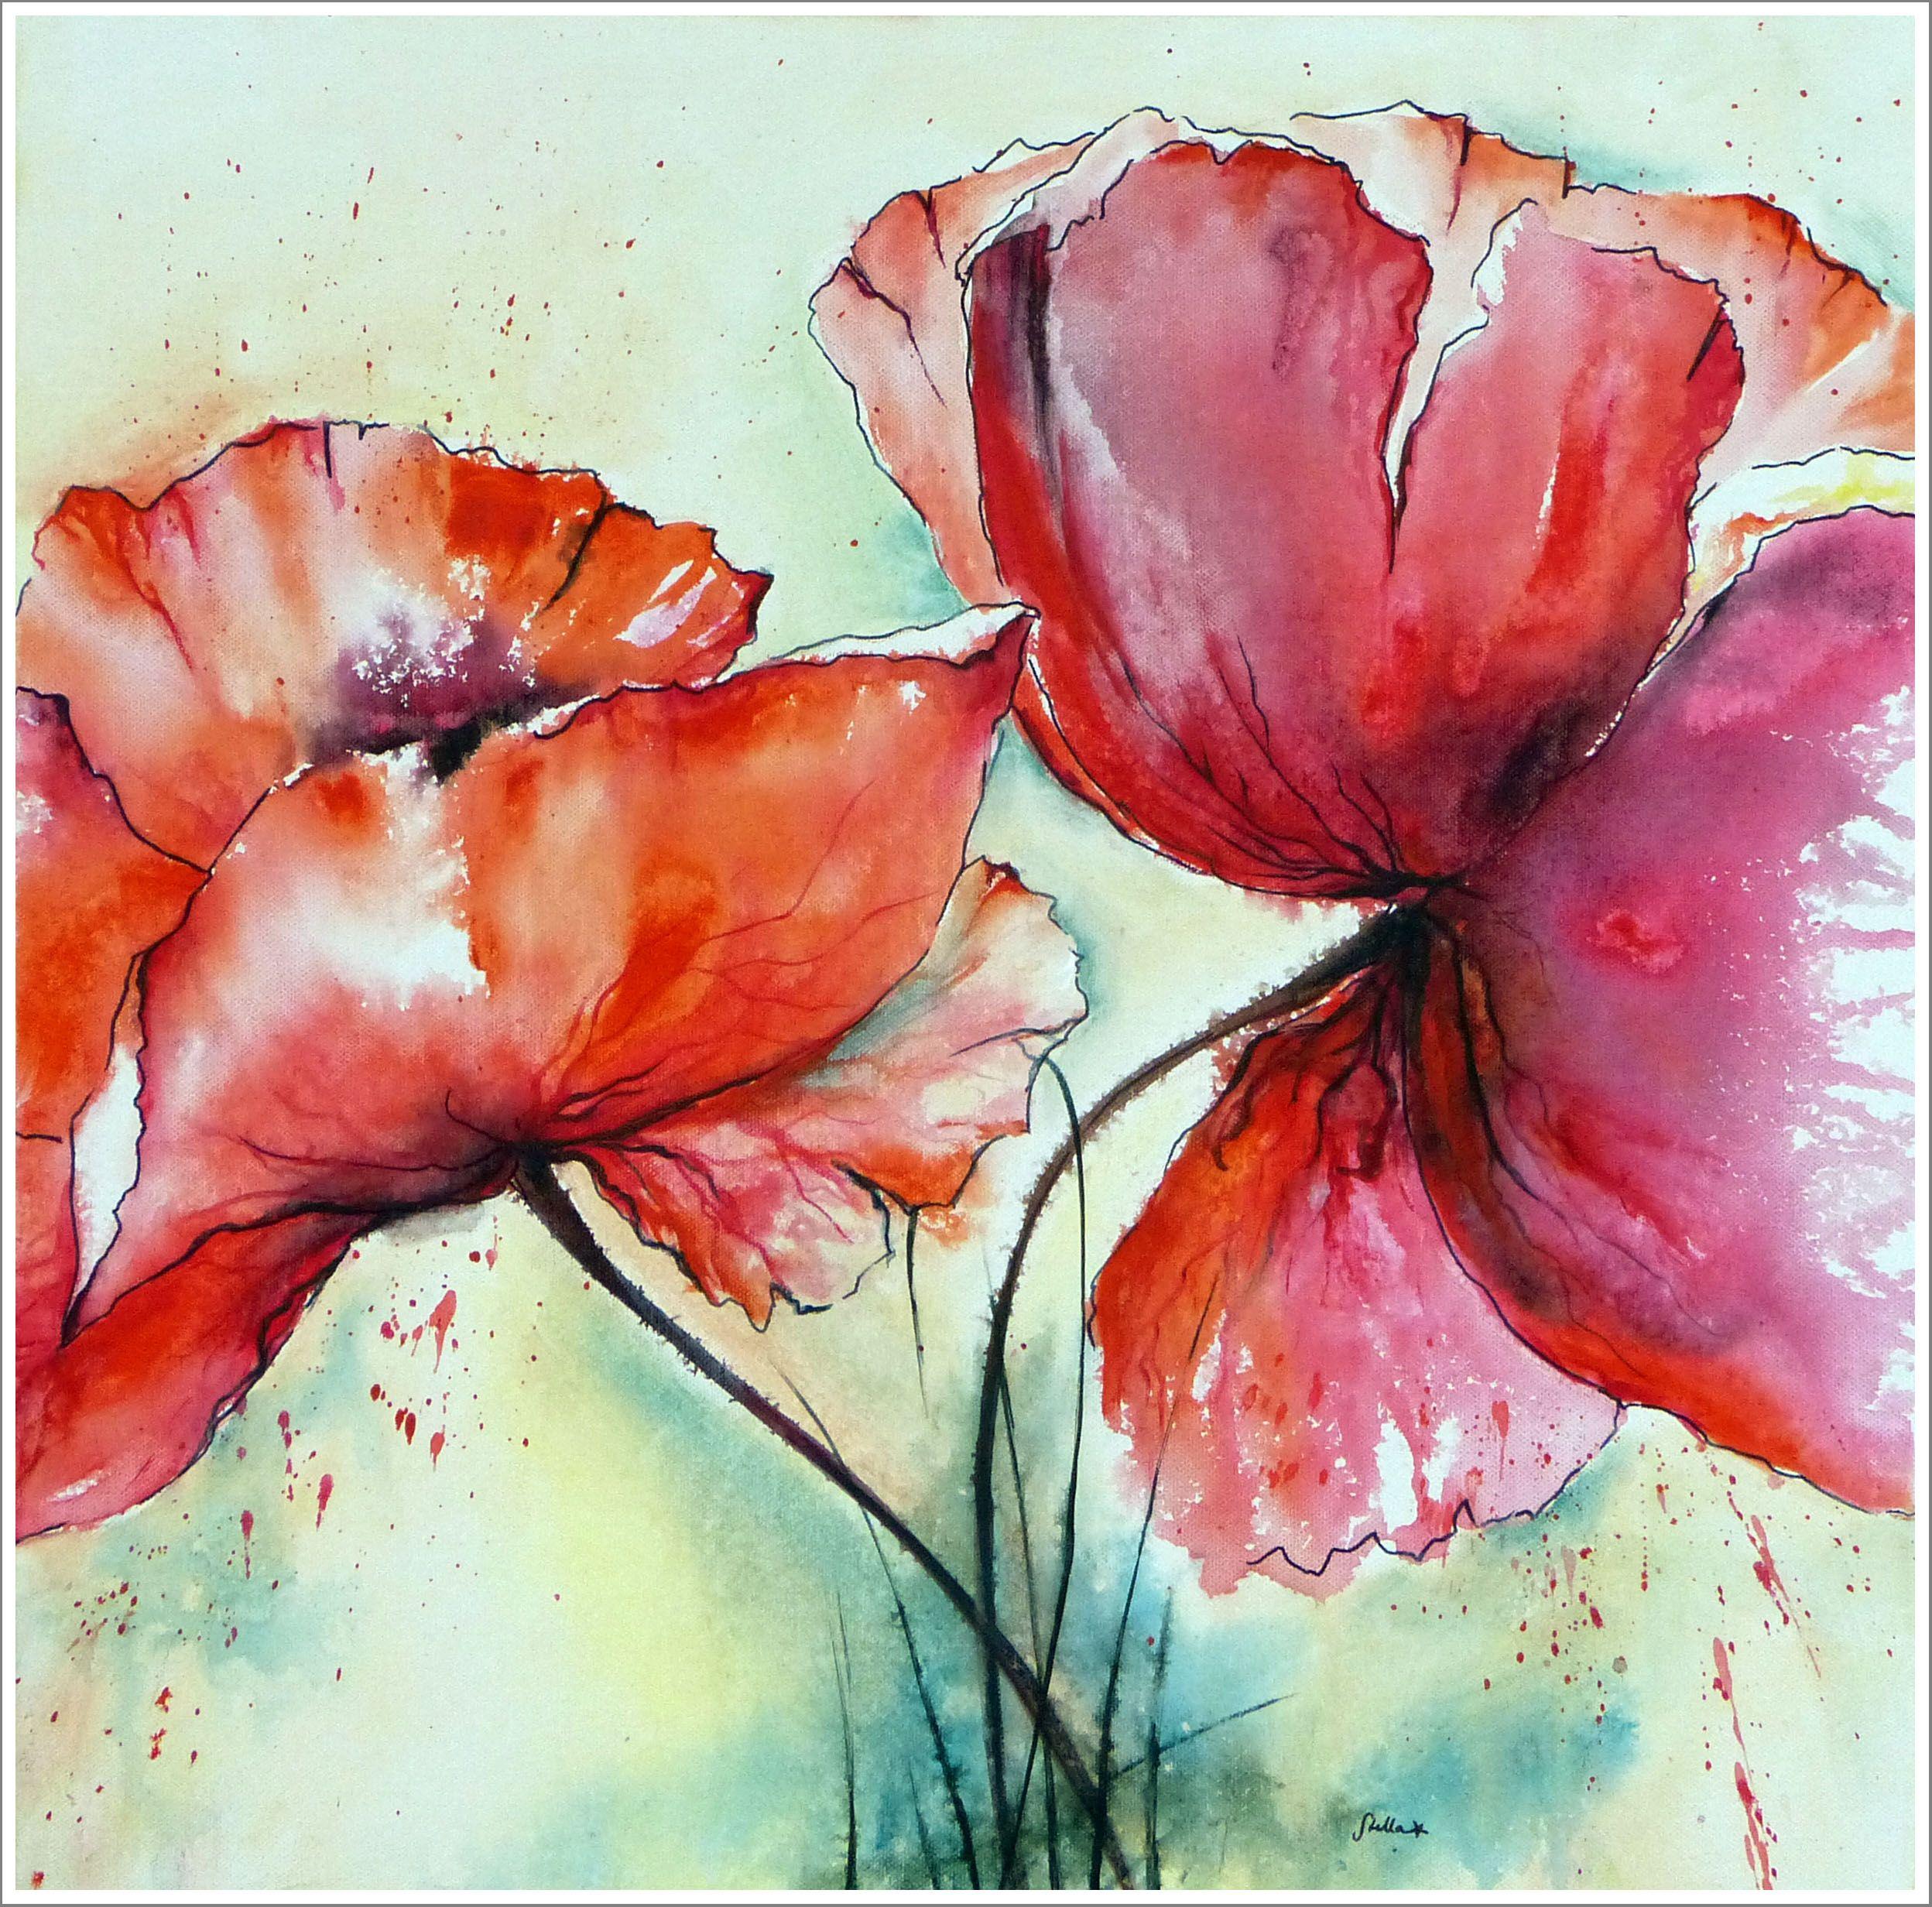 stella hettner bild original kunst gemalde modern malerei abstrakt xl acryl neu blumen blueten flowers abstrakte gemälde gerhard richter bilder